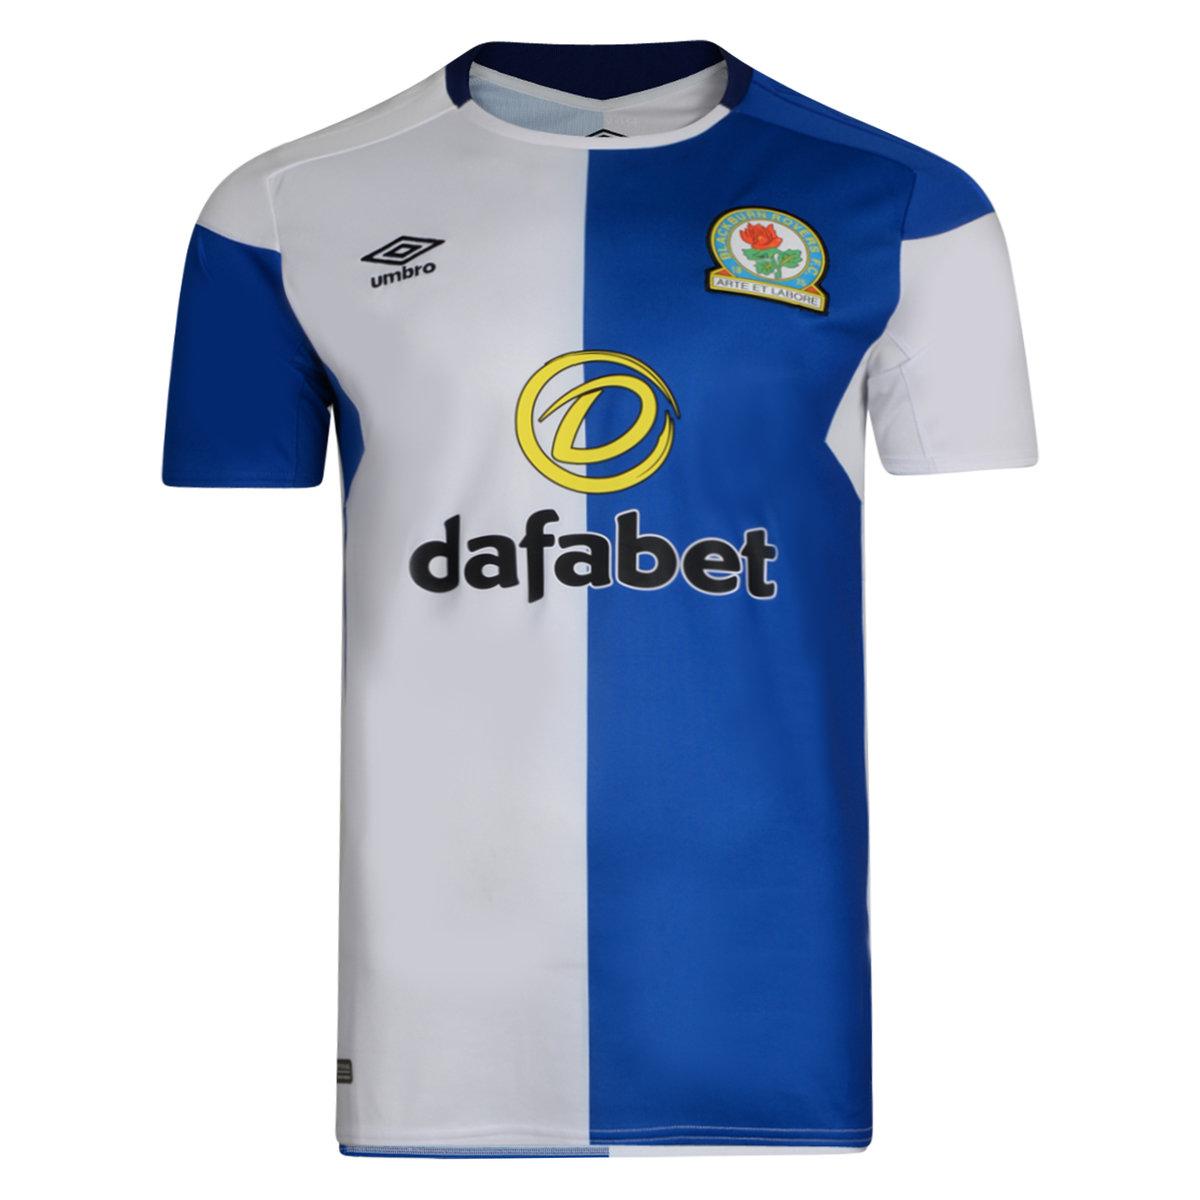 755e7dcca1a Umbro Blackburn Rovers Mens SS Home Shirt 2017 18 Image